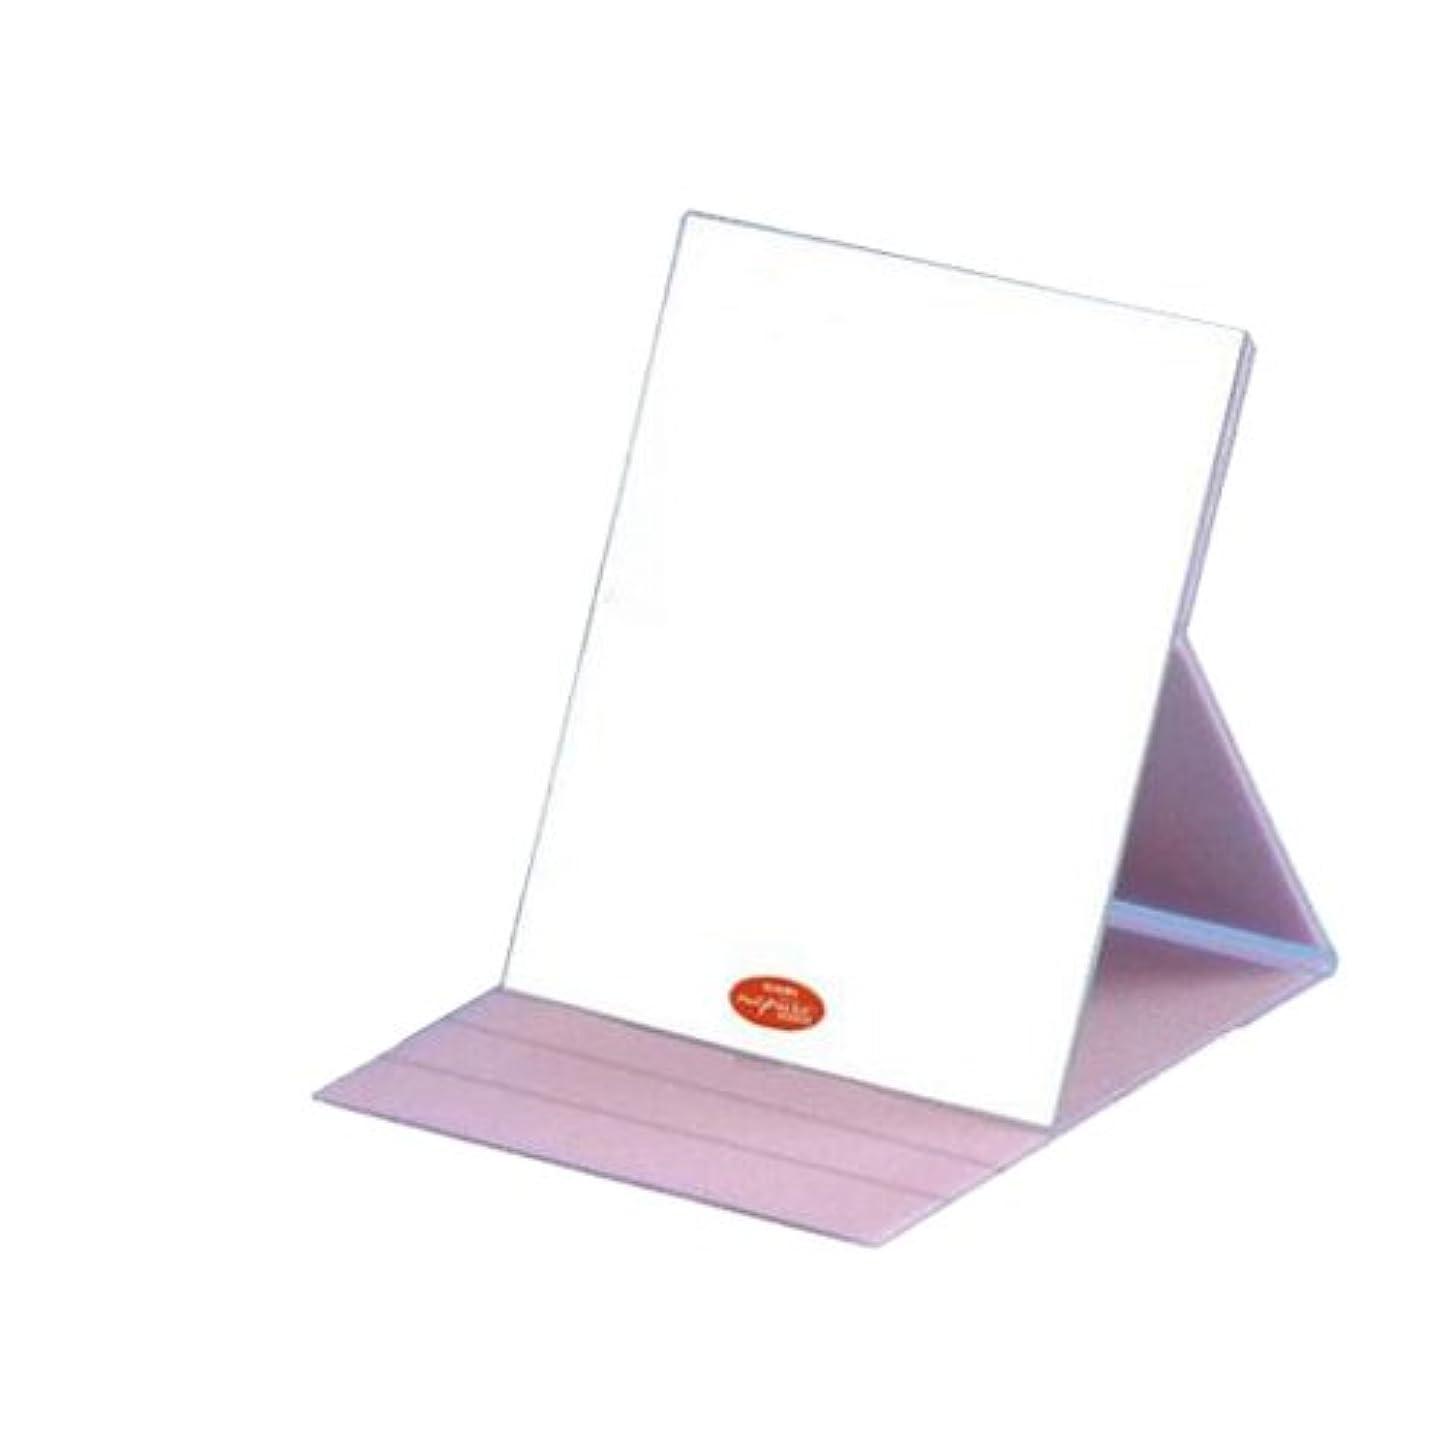 オリエンテーション国自分を引き上げるHP-61 ナピュア プロモデル角度調整3段階付き折立ミラー エコ?ピンク(L)